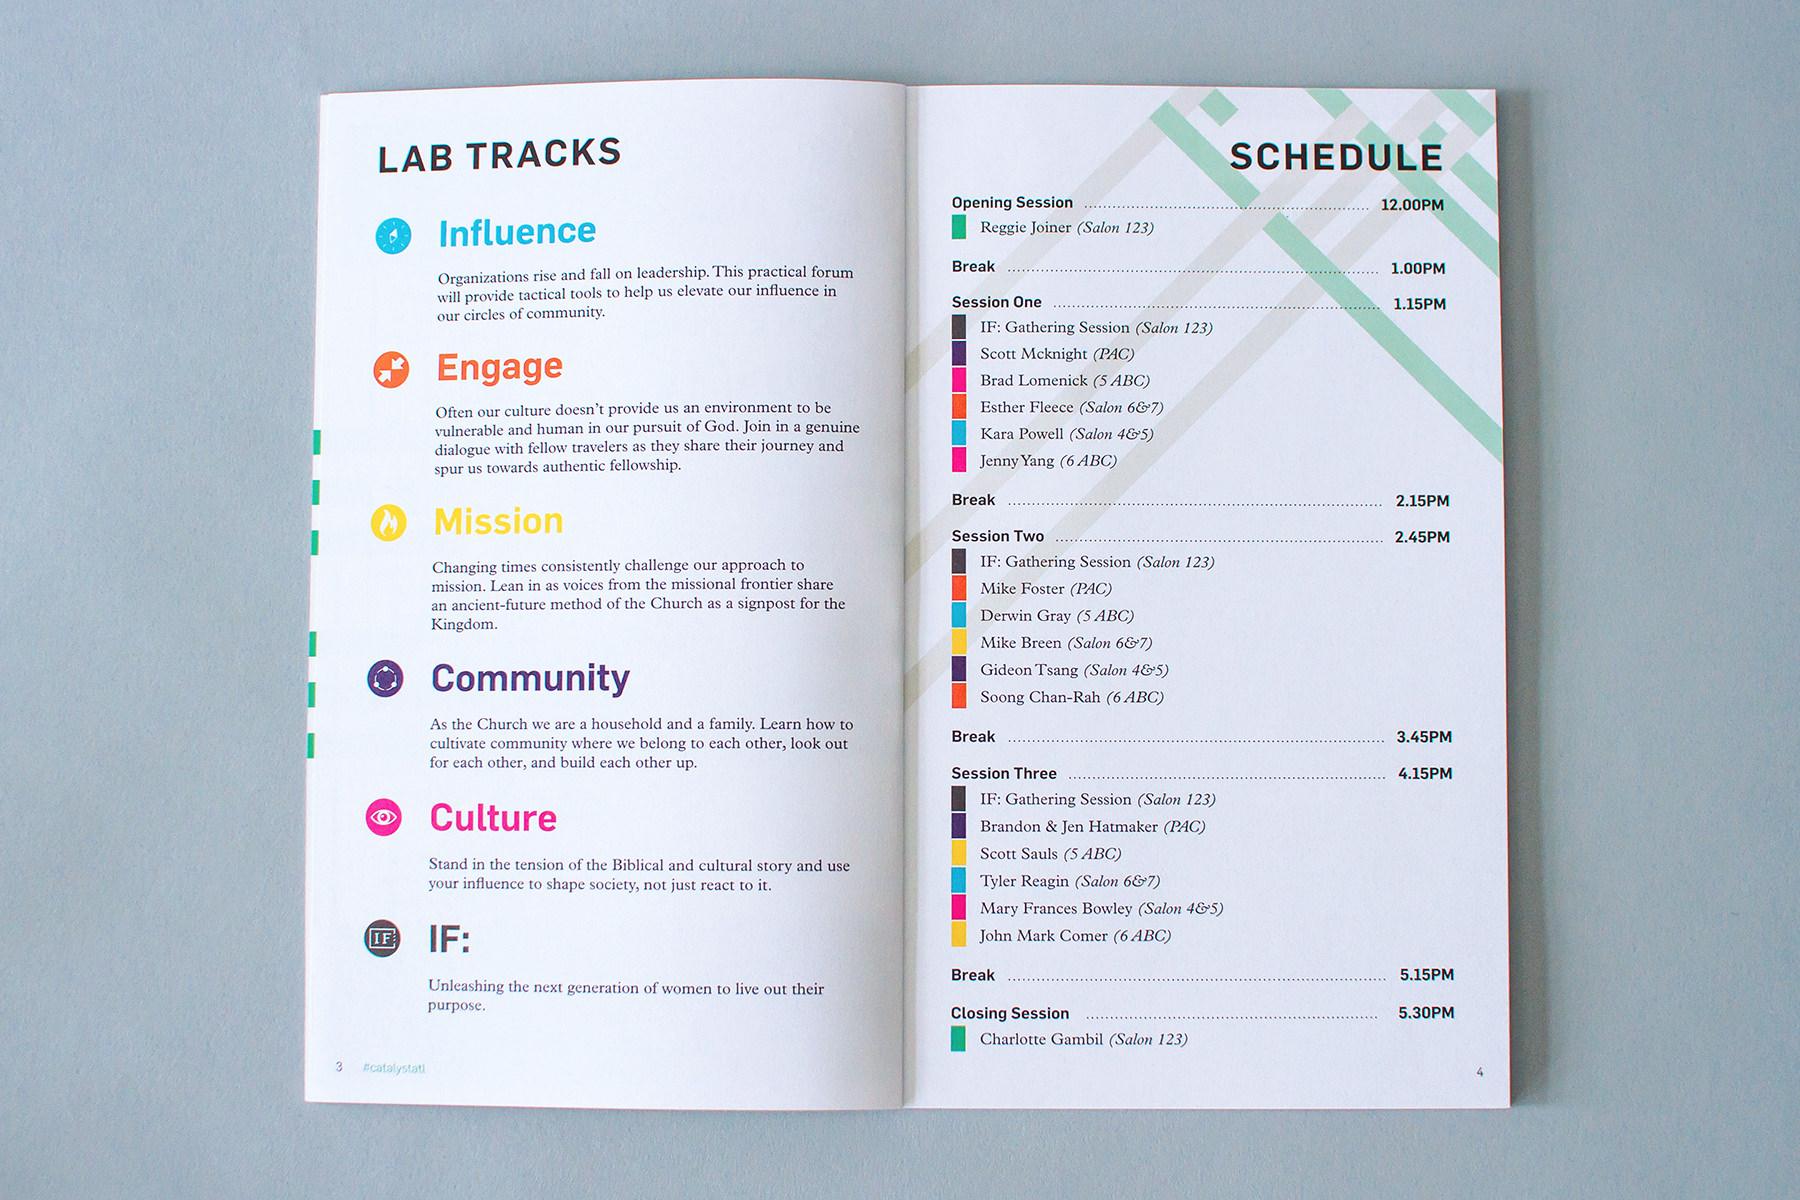 catalyst labzine tracks schedule editorial layout